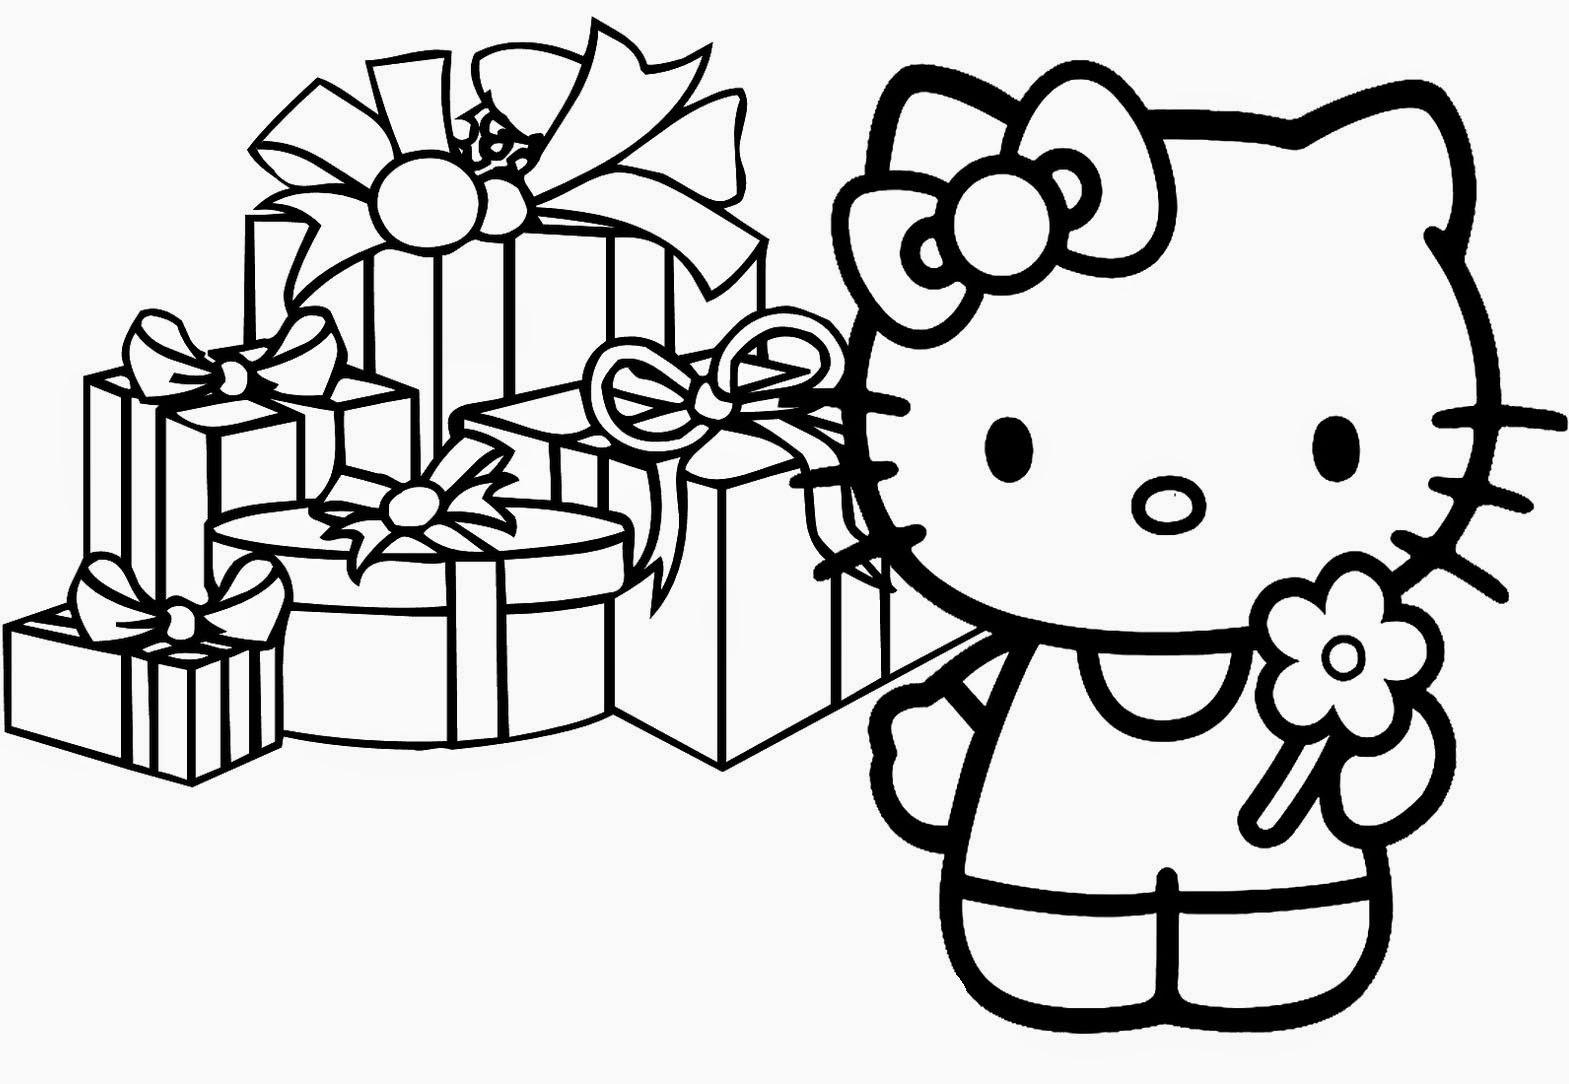 free hello kitty printables free printable hello kitty coloring pages for pages hello free kitty printables